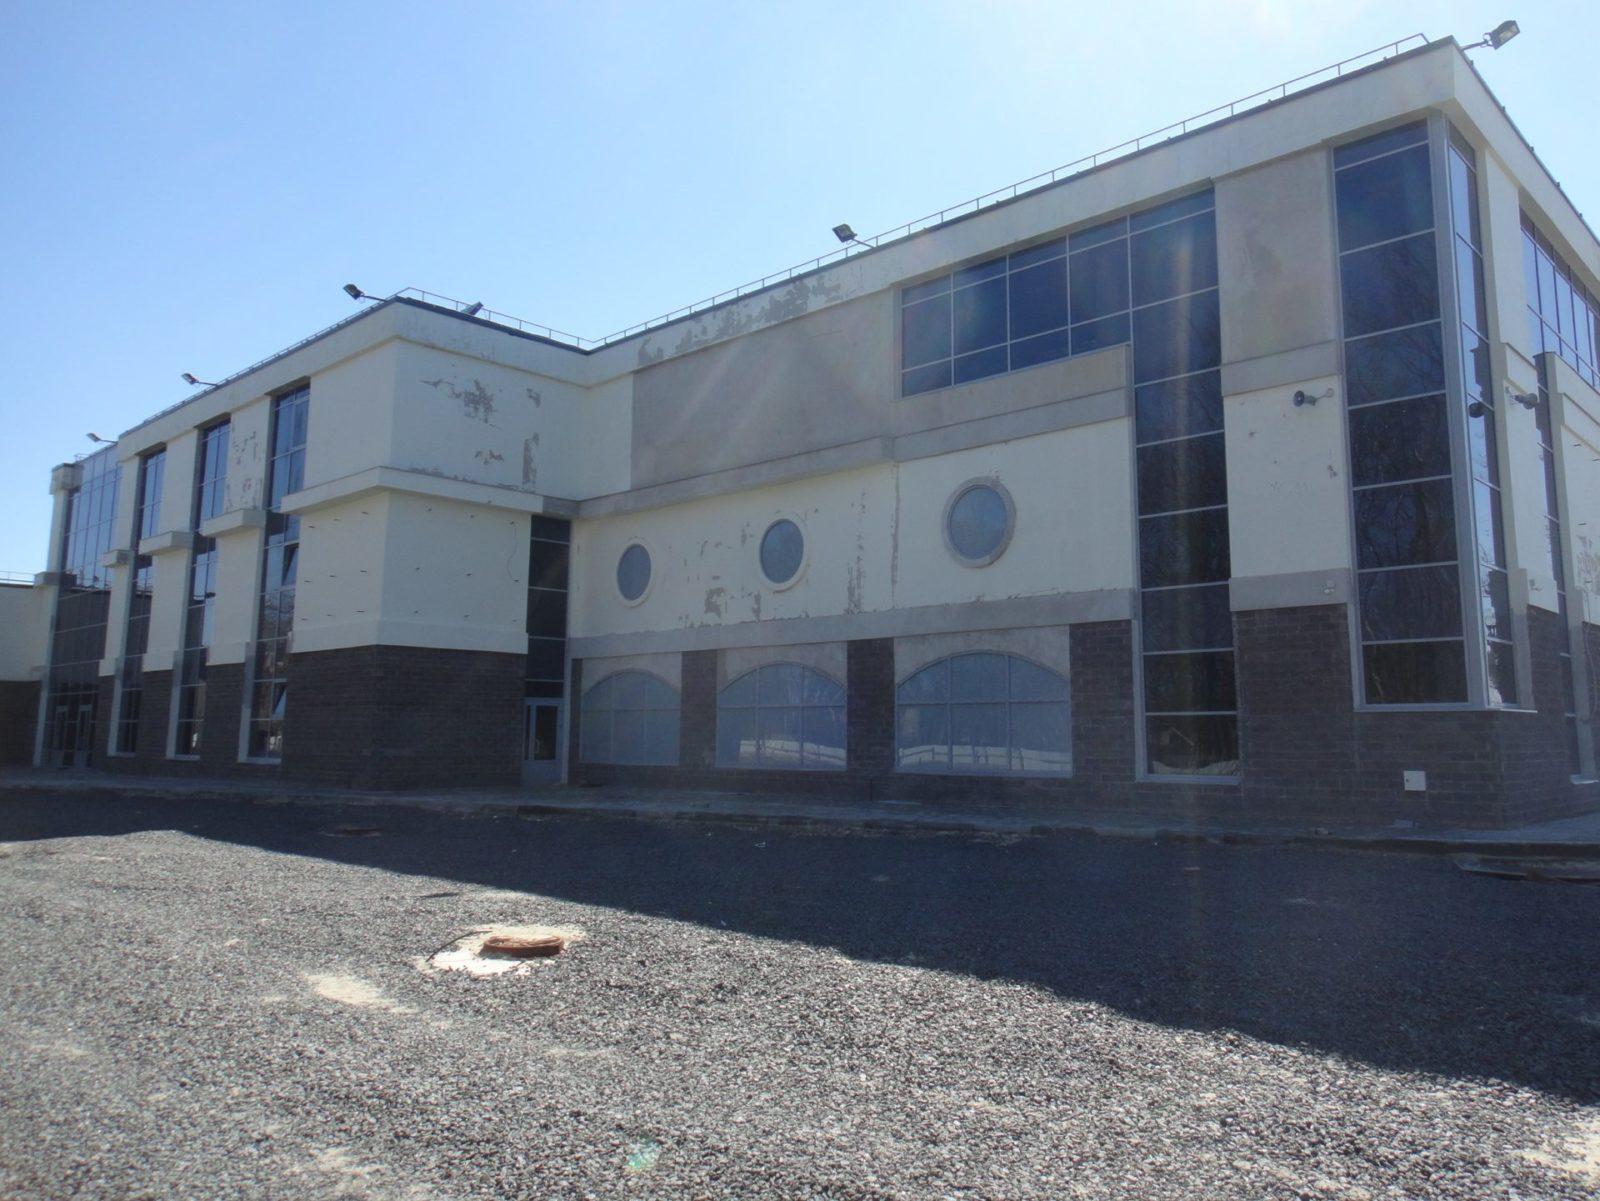 Проведены работы косметического характера по устройству нового штукатурного фасада для Торгово-Развлекательного Комплекса в СПб